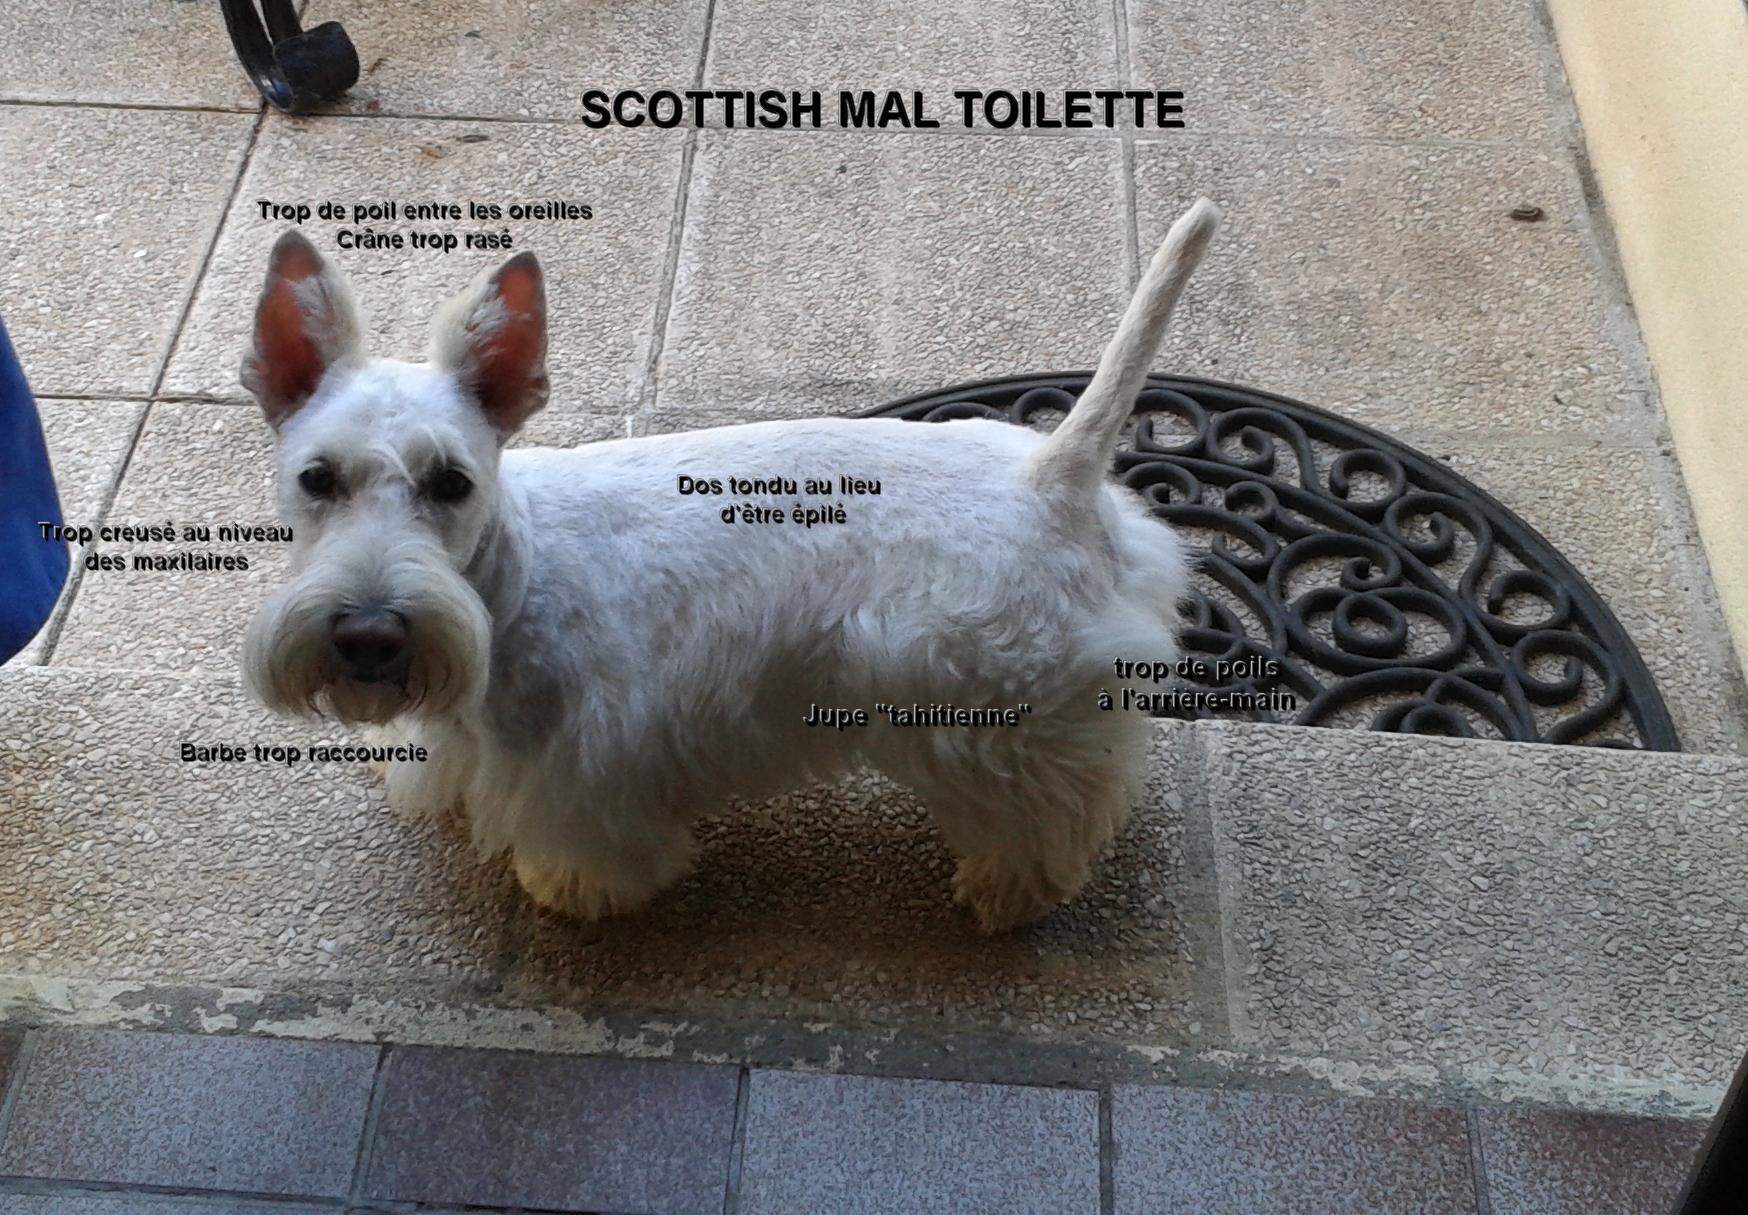 toilette-scot